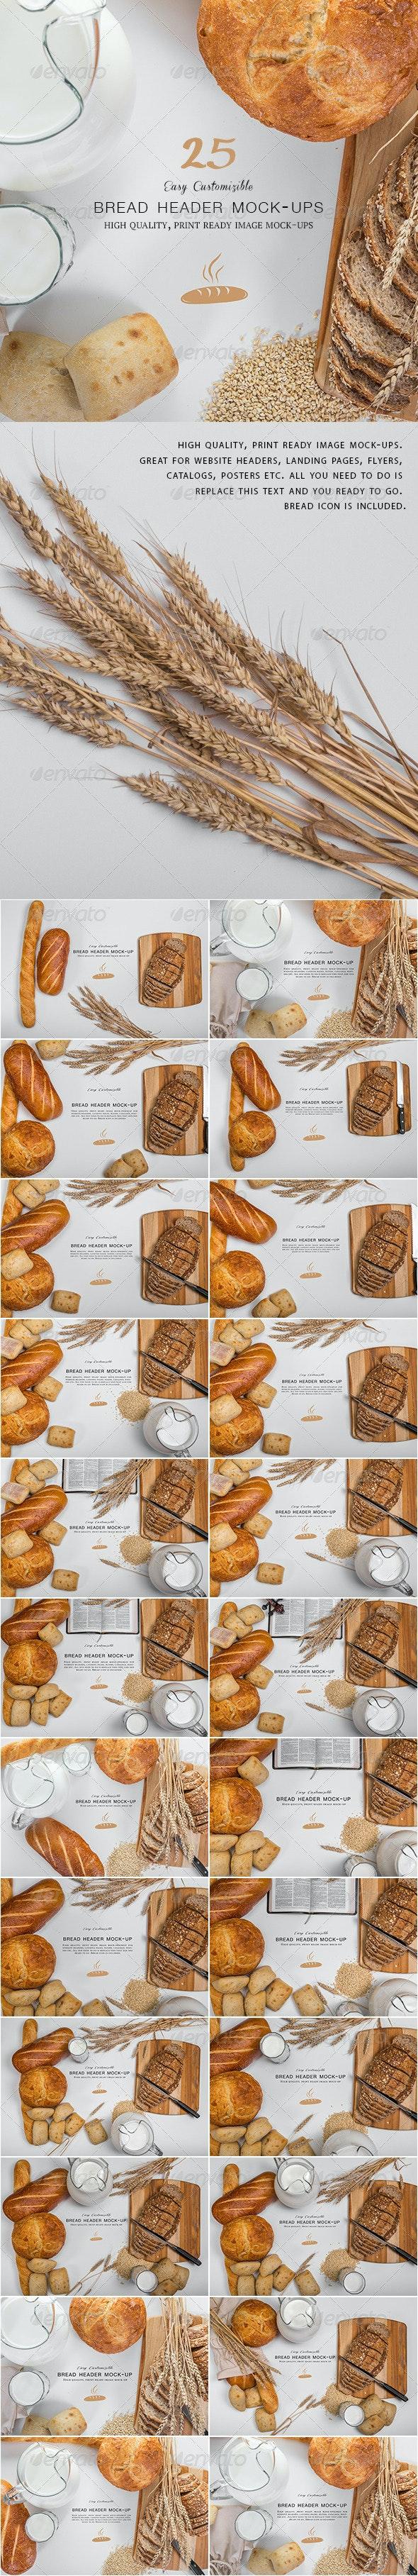 Bread Header Mock-ups - Hero Images Graphics